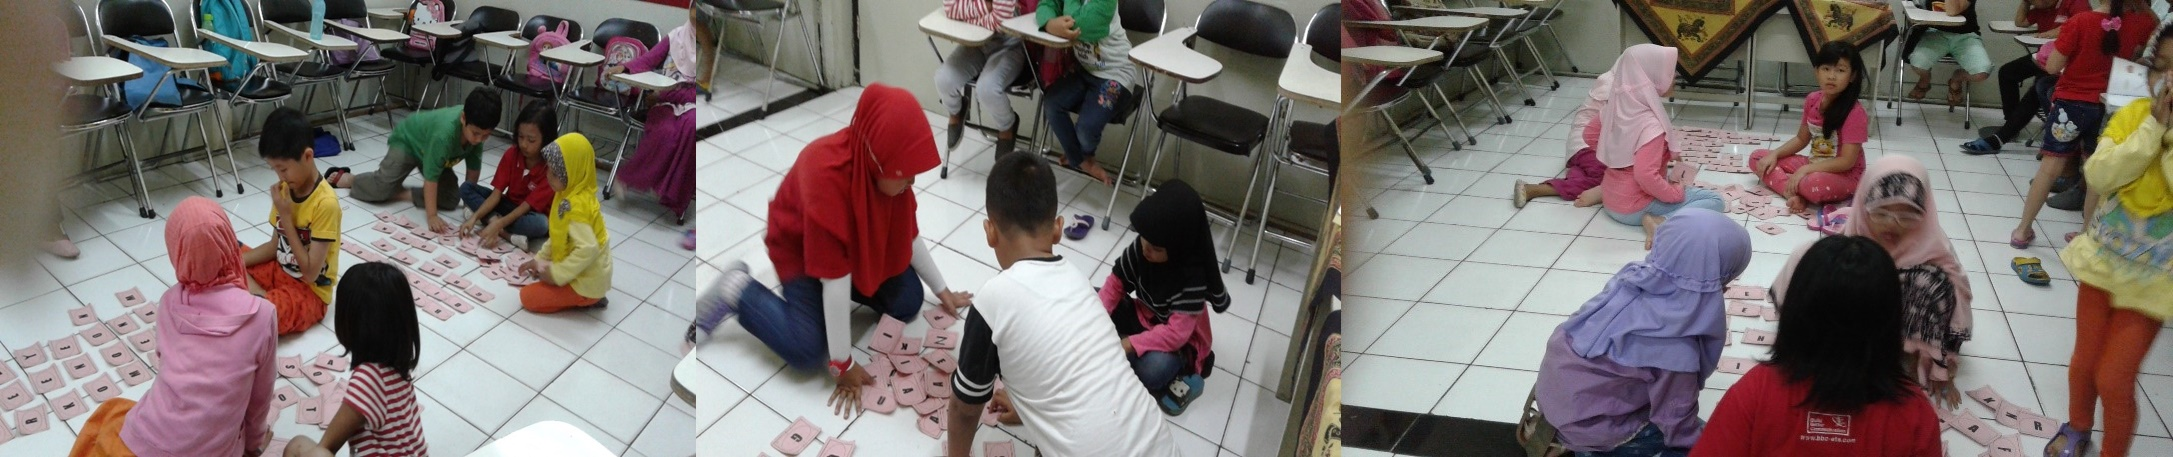 Saturday English Contest Bbc Ets Kemayoran Training Voucher Les Calculus Gunung Sahari